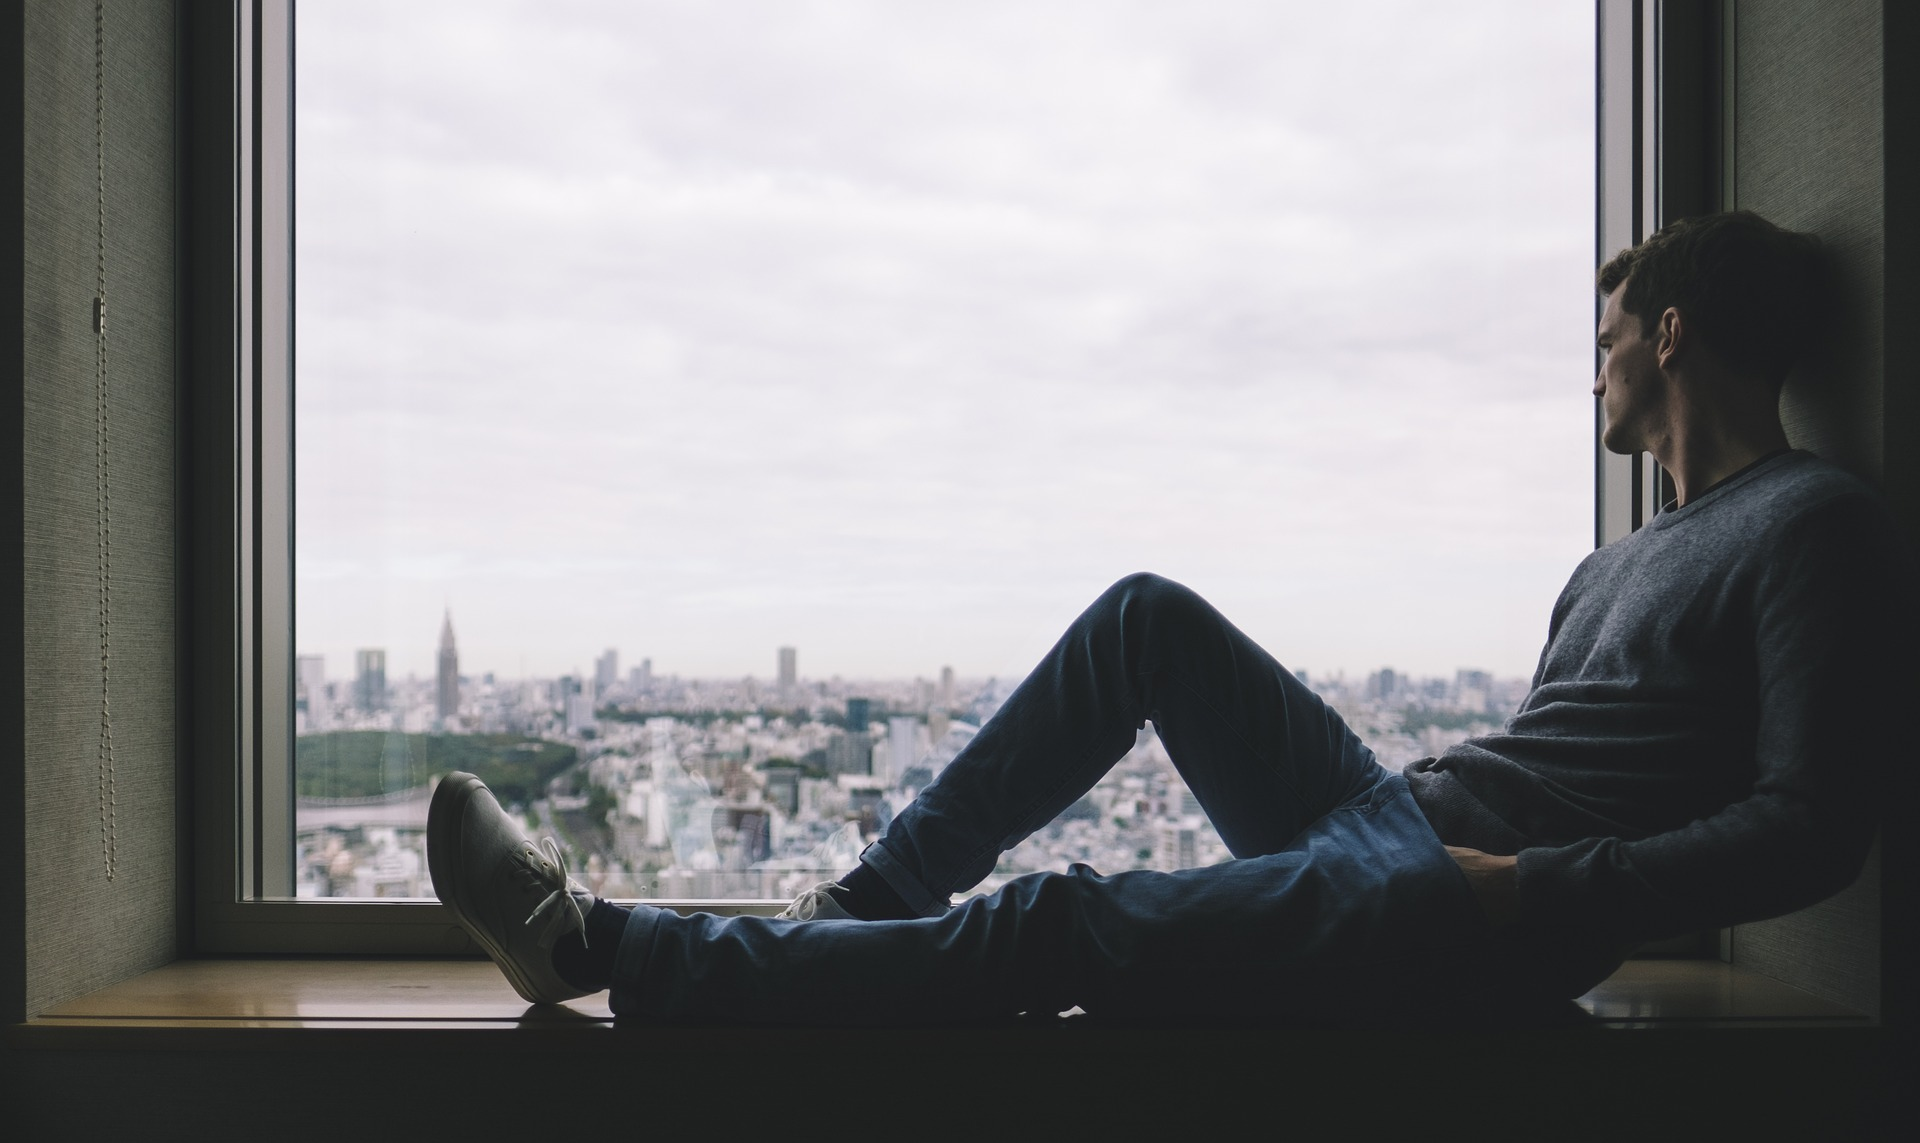 La phobie sociale: les traitements pour s'en débarrasser